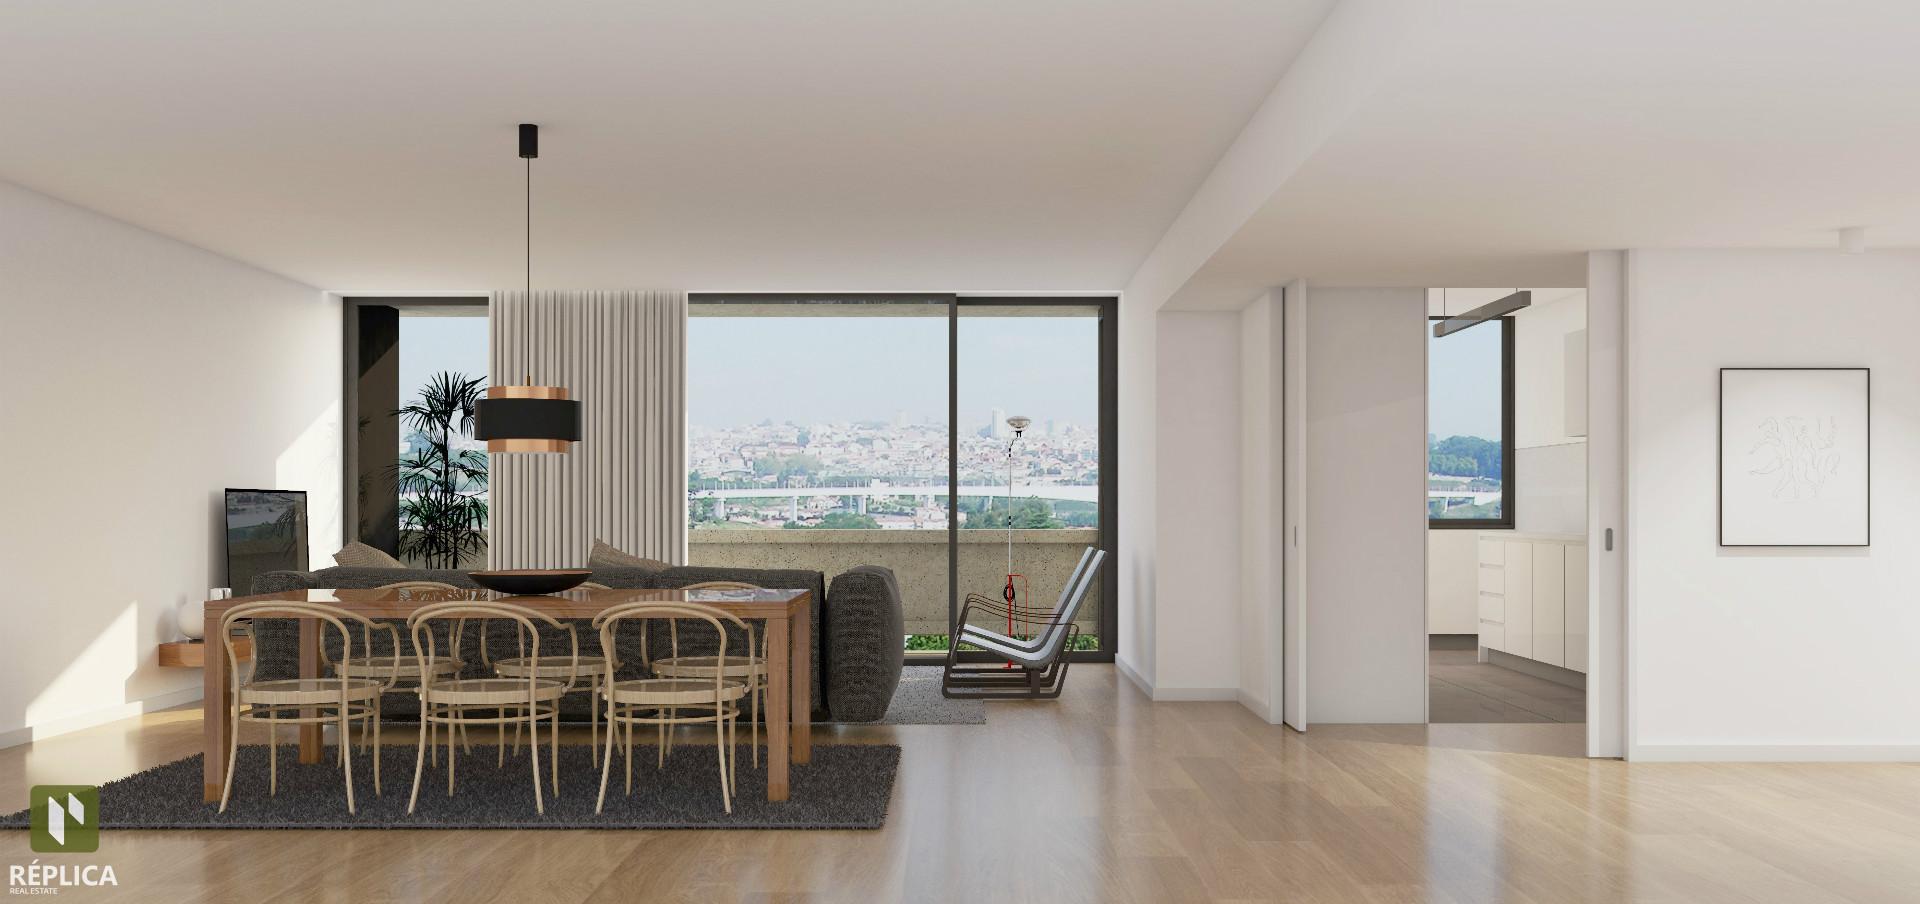 T3+1 em condomínio privado, Mafamude, Vila nova de Gaia